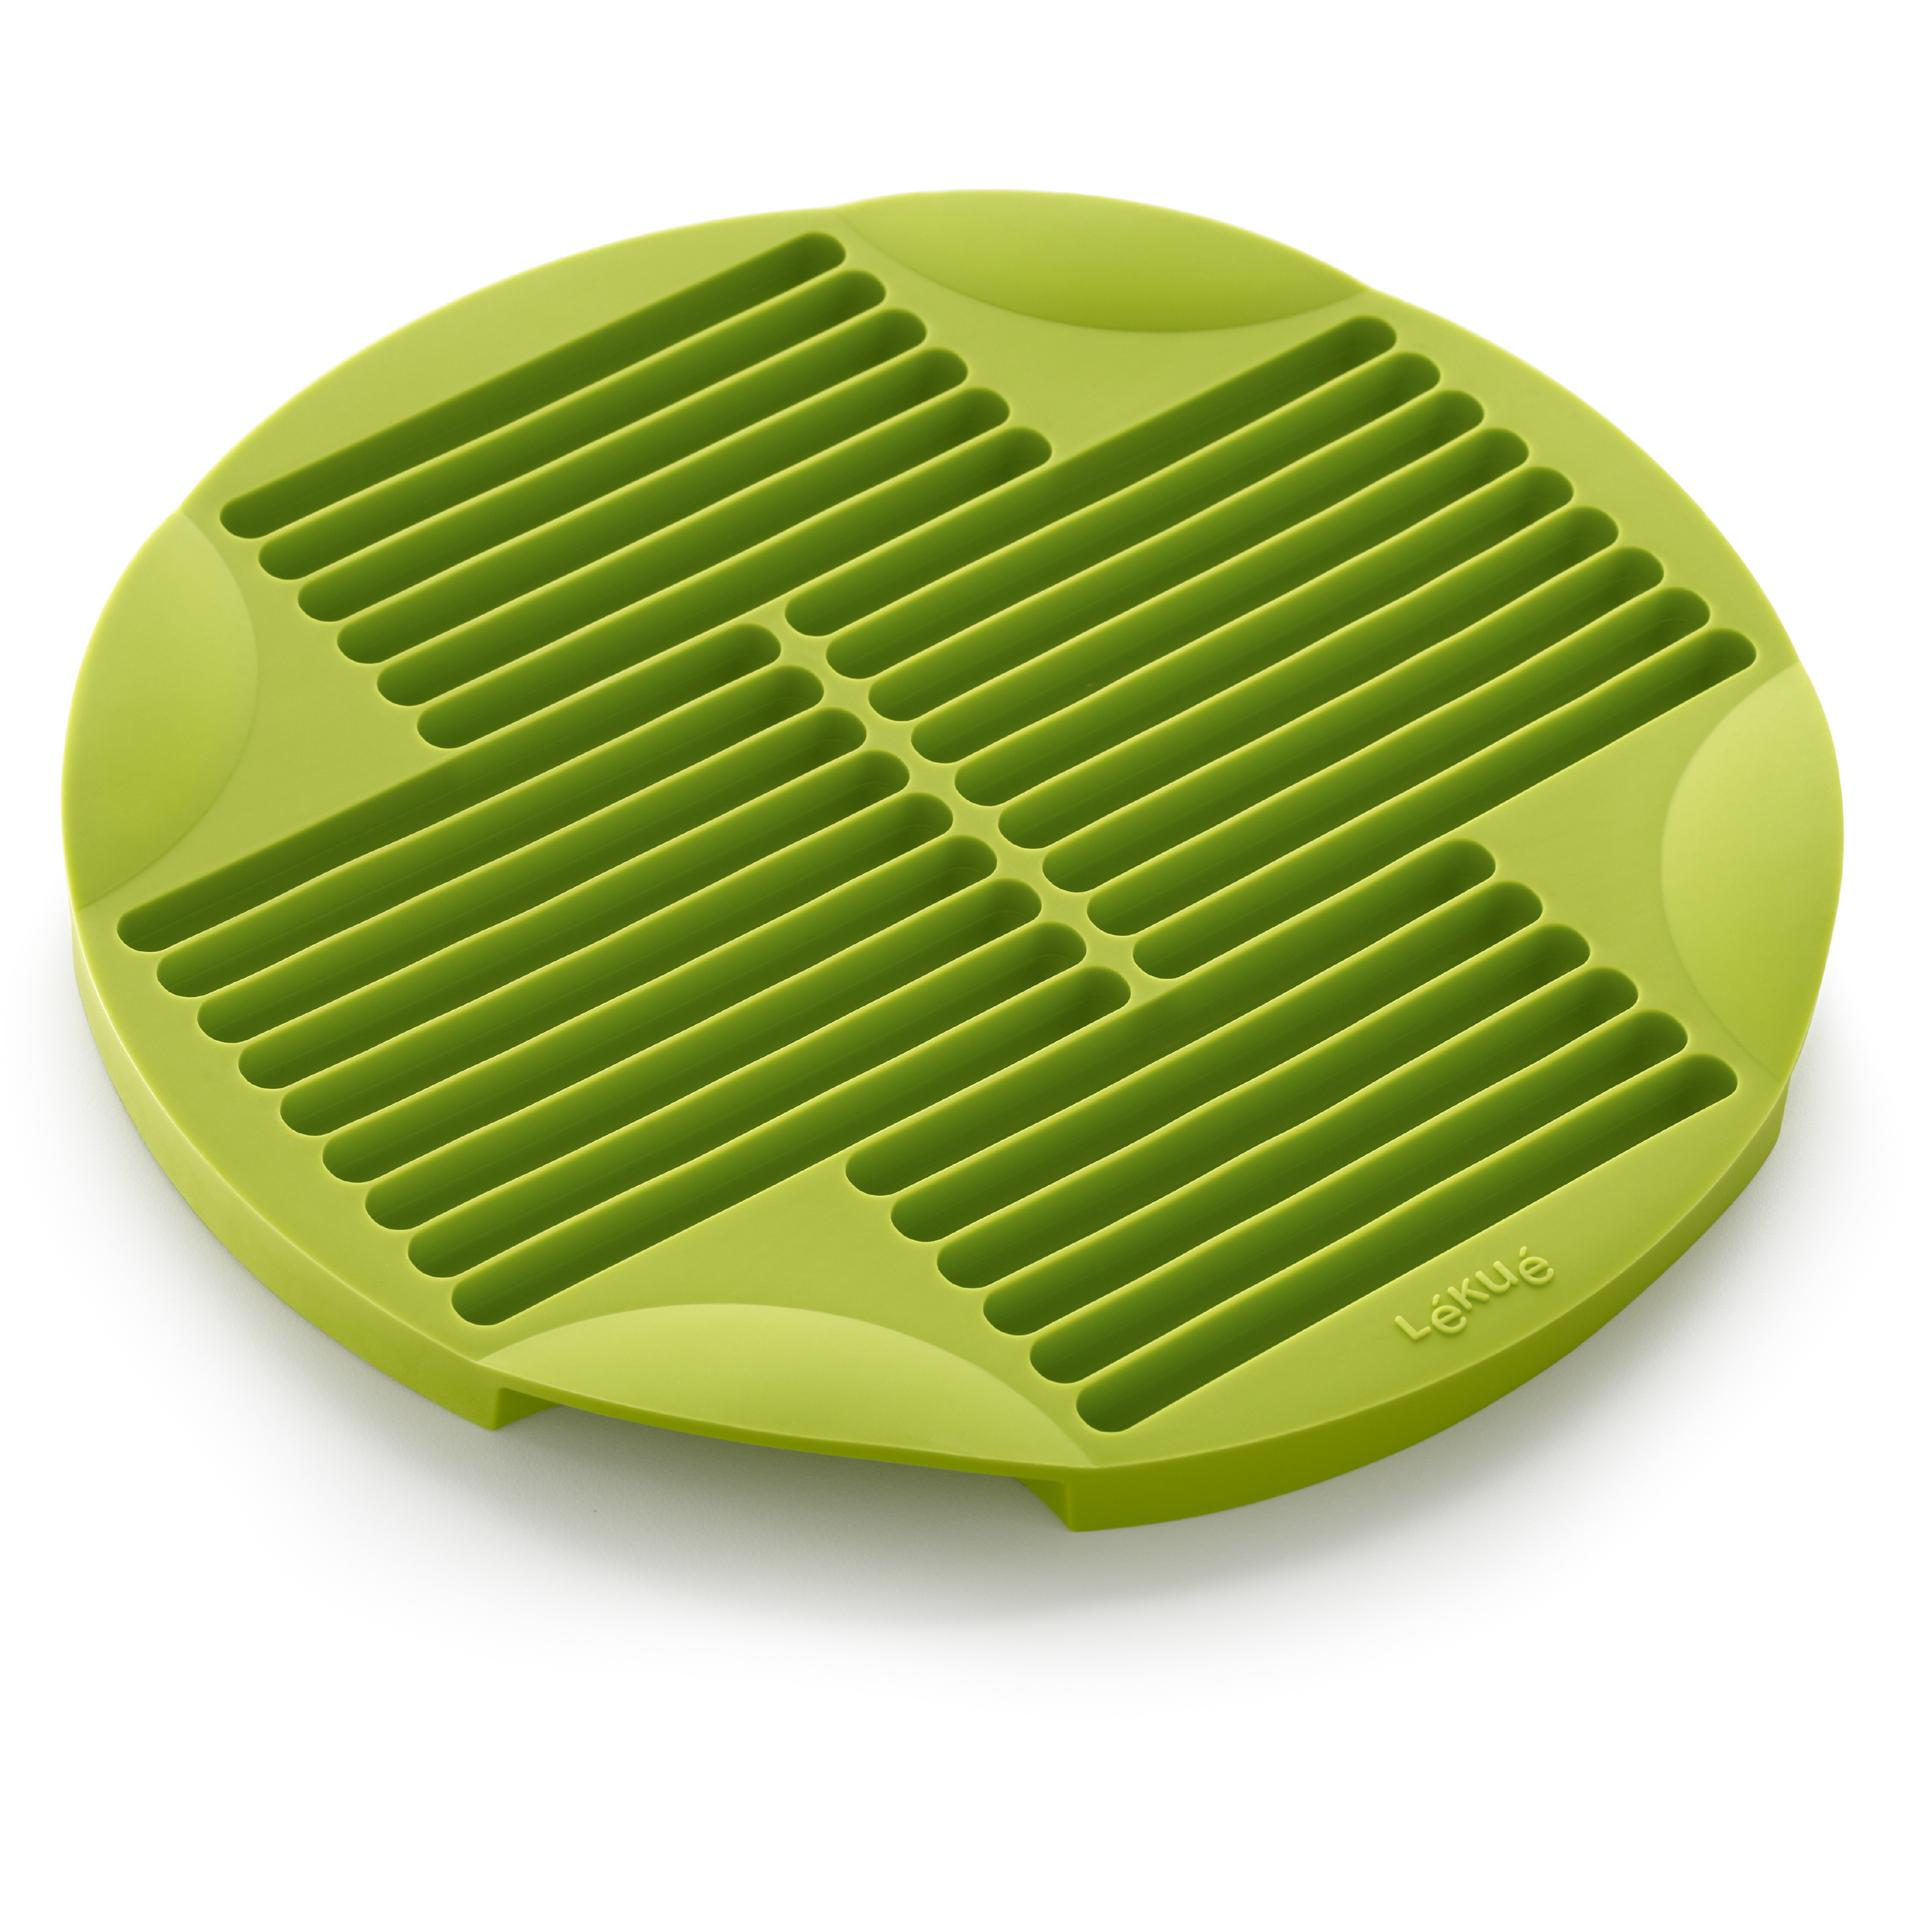 Lekue Green Silicone Bread Stick Mold